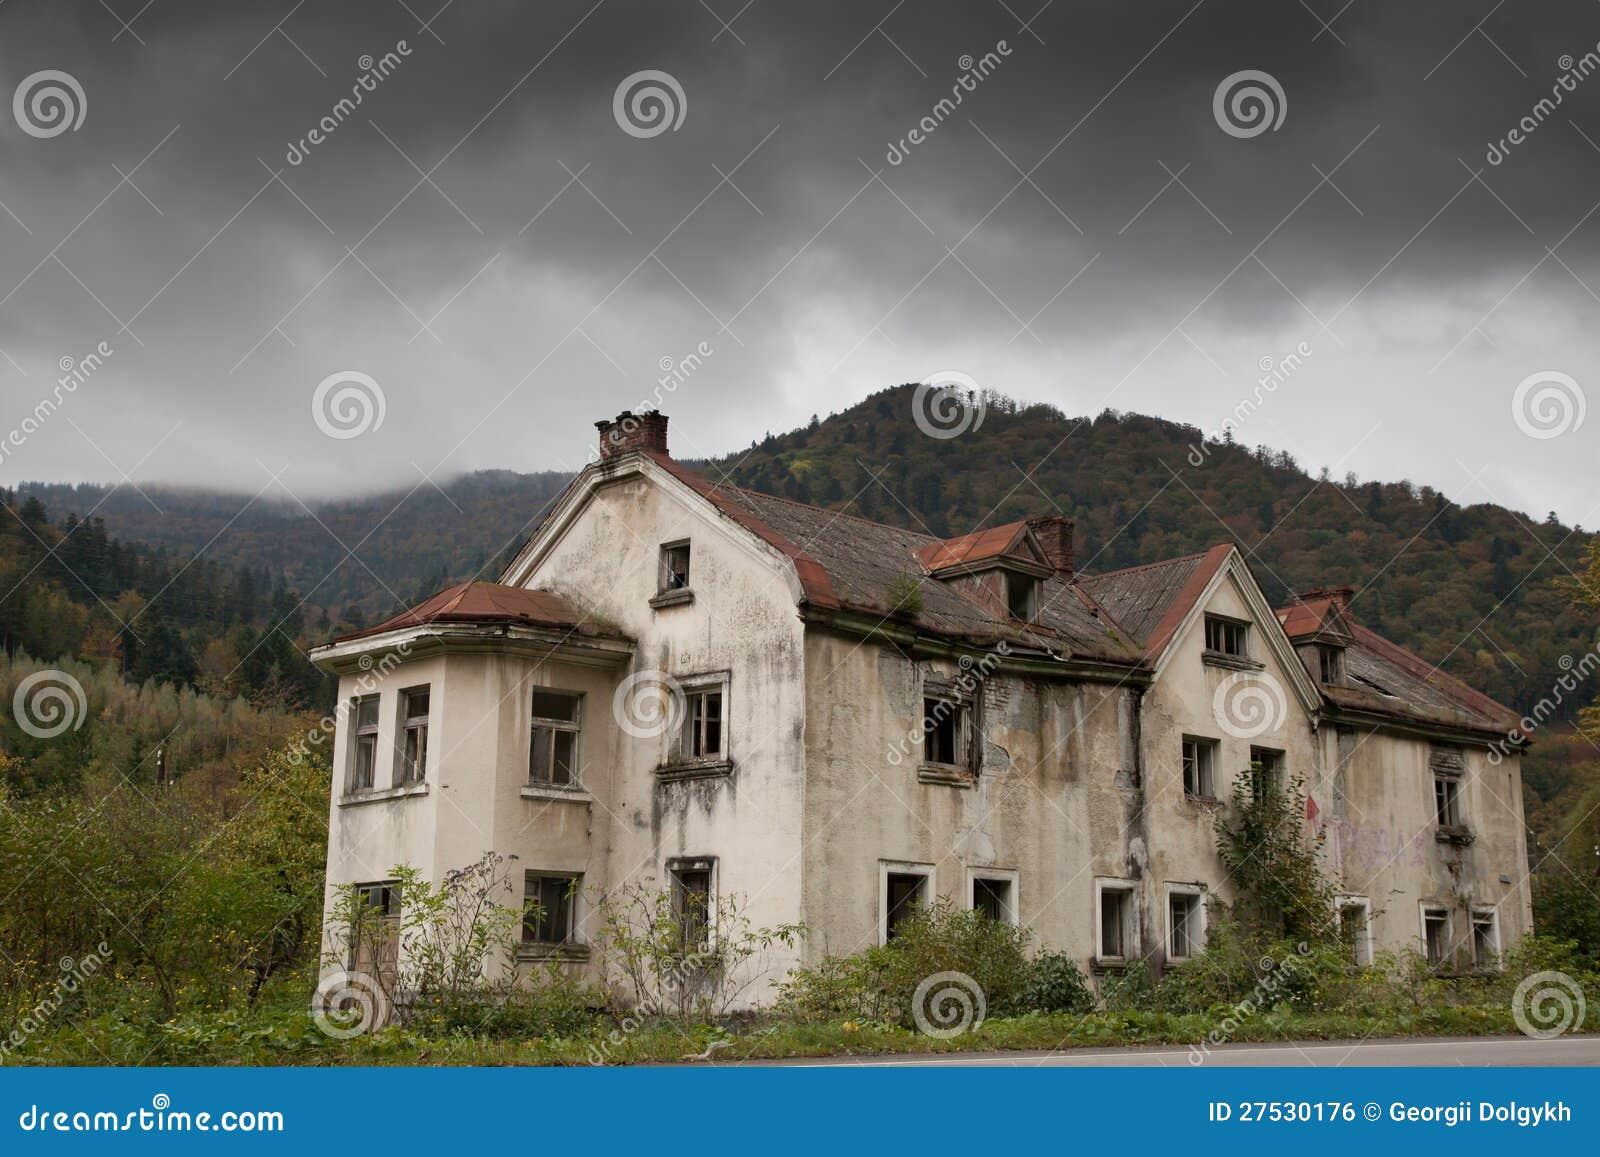 maison sombre dans les bois image libre de droits image 27530176. Black Bedroom Furniture Sets. Home Design Ideas